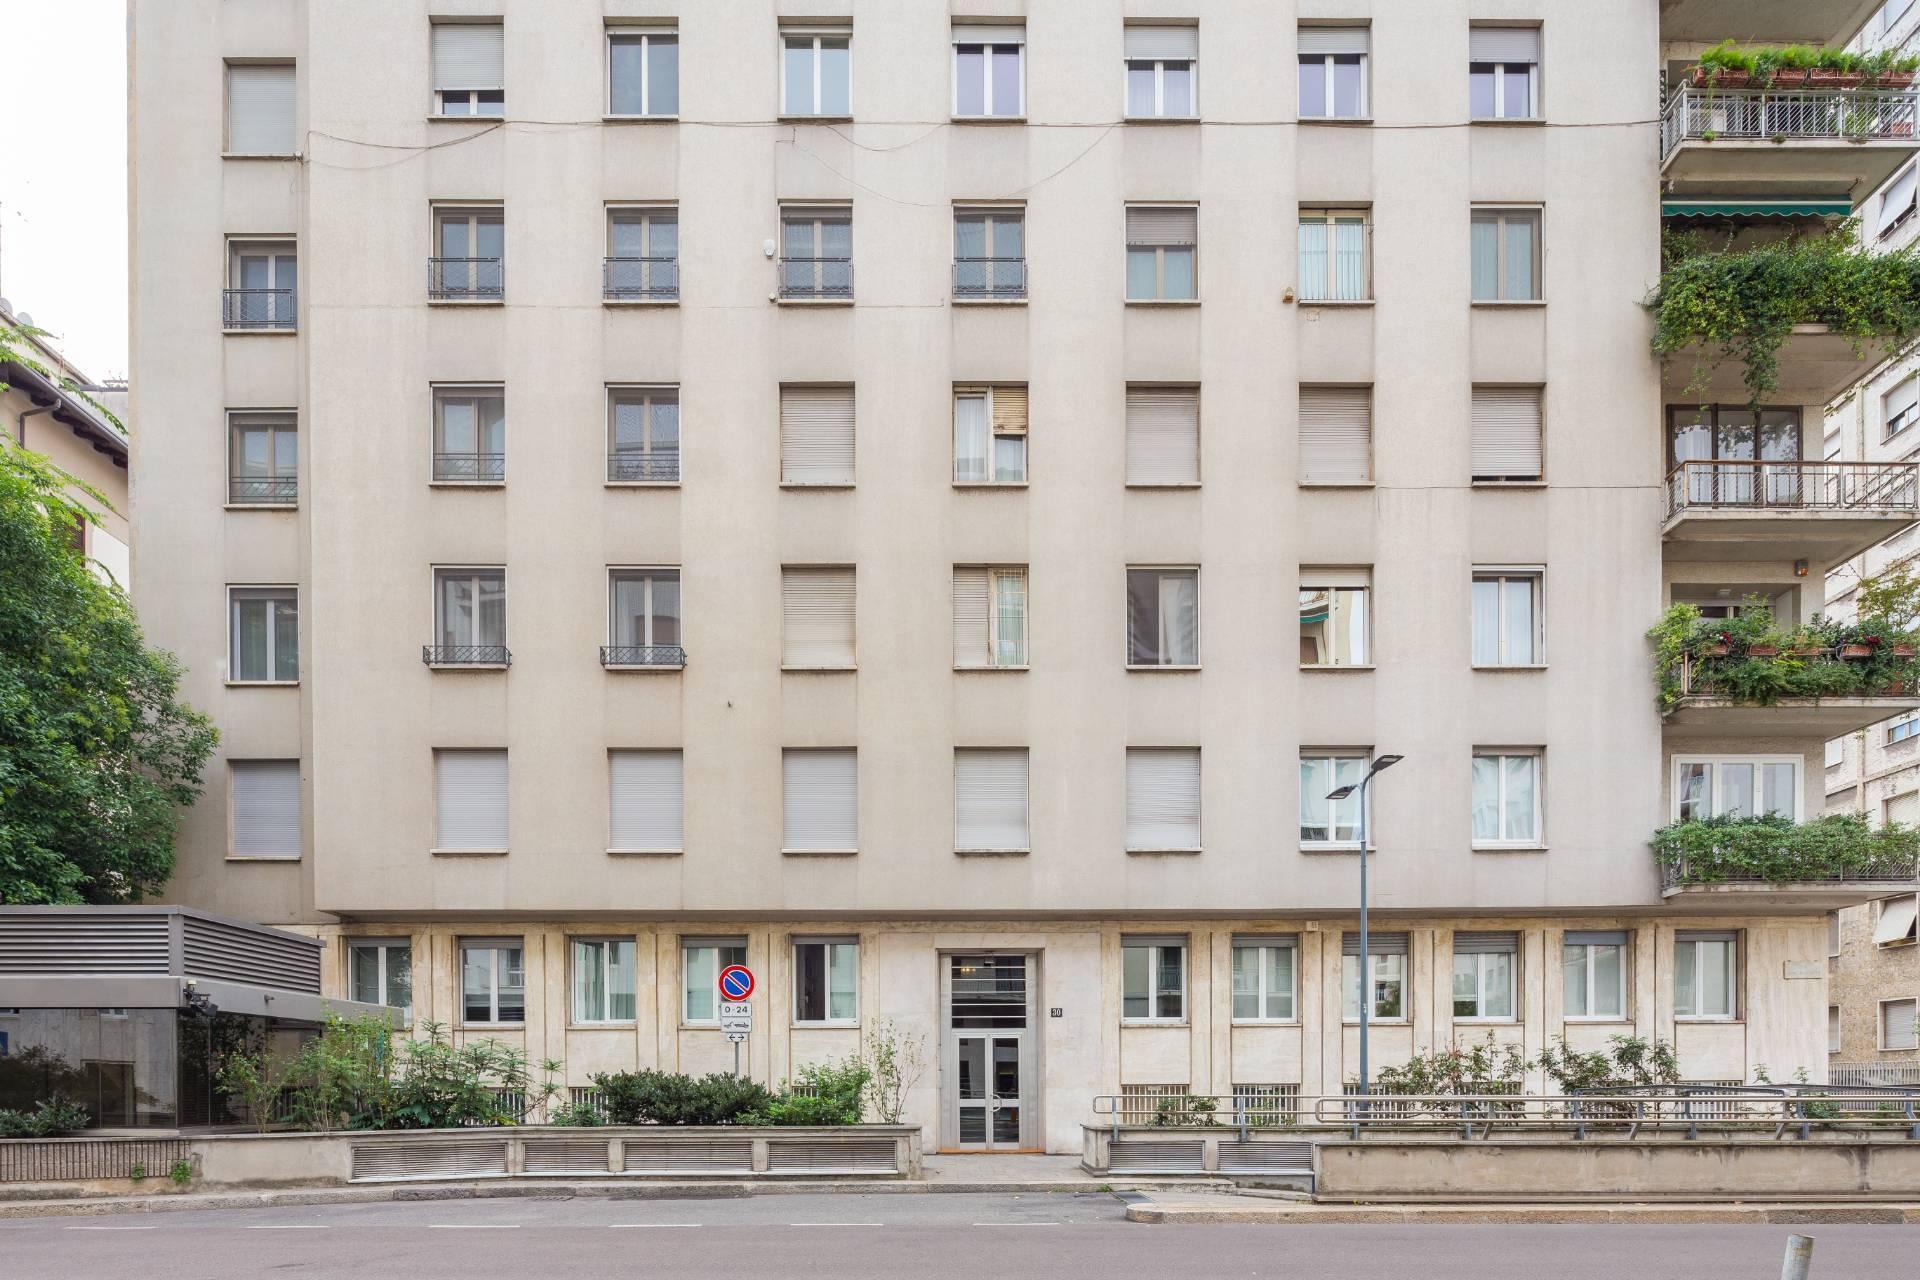 Appartamento signorile in Via Mascagni - 1